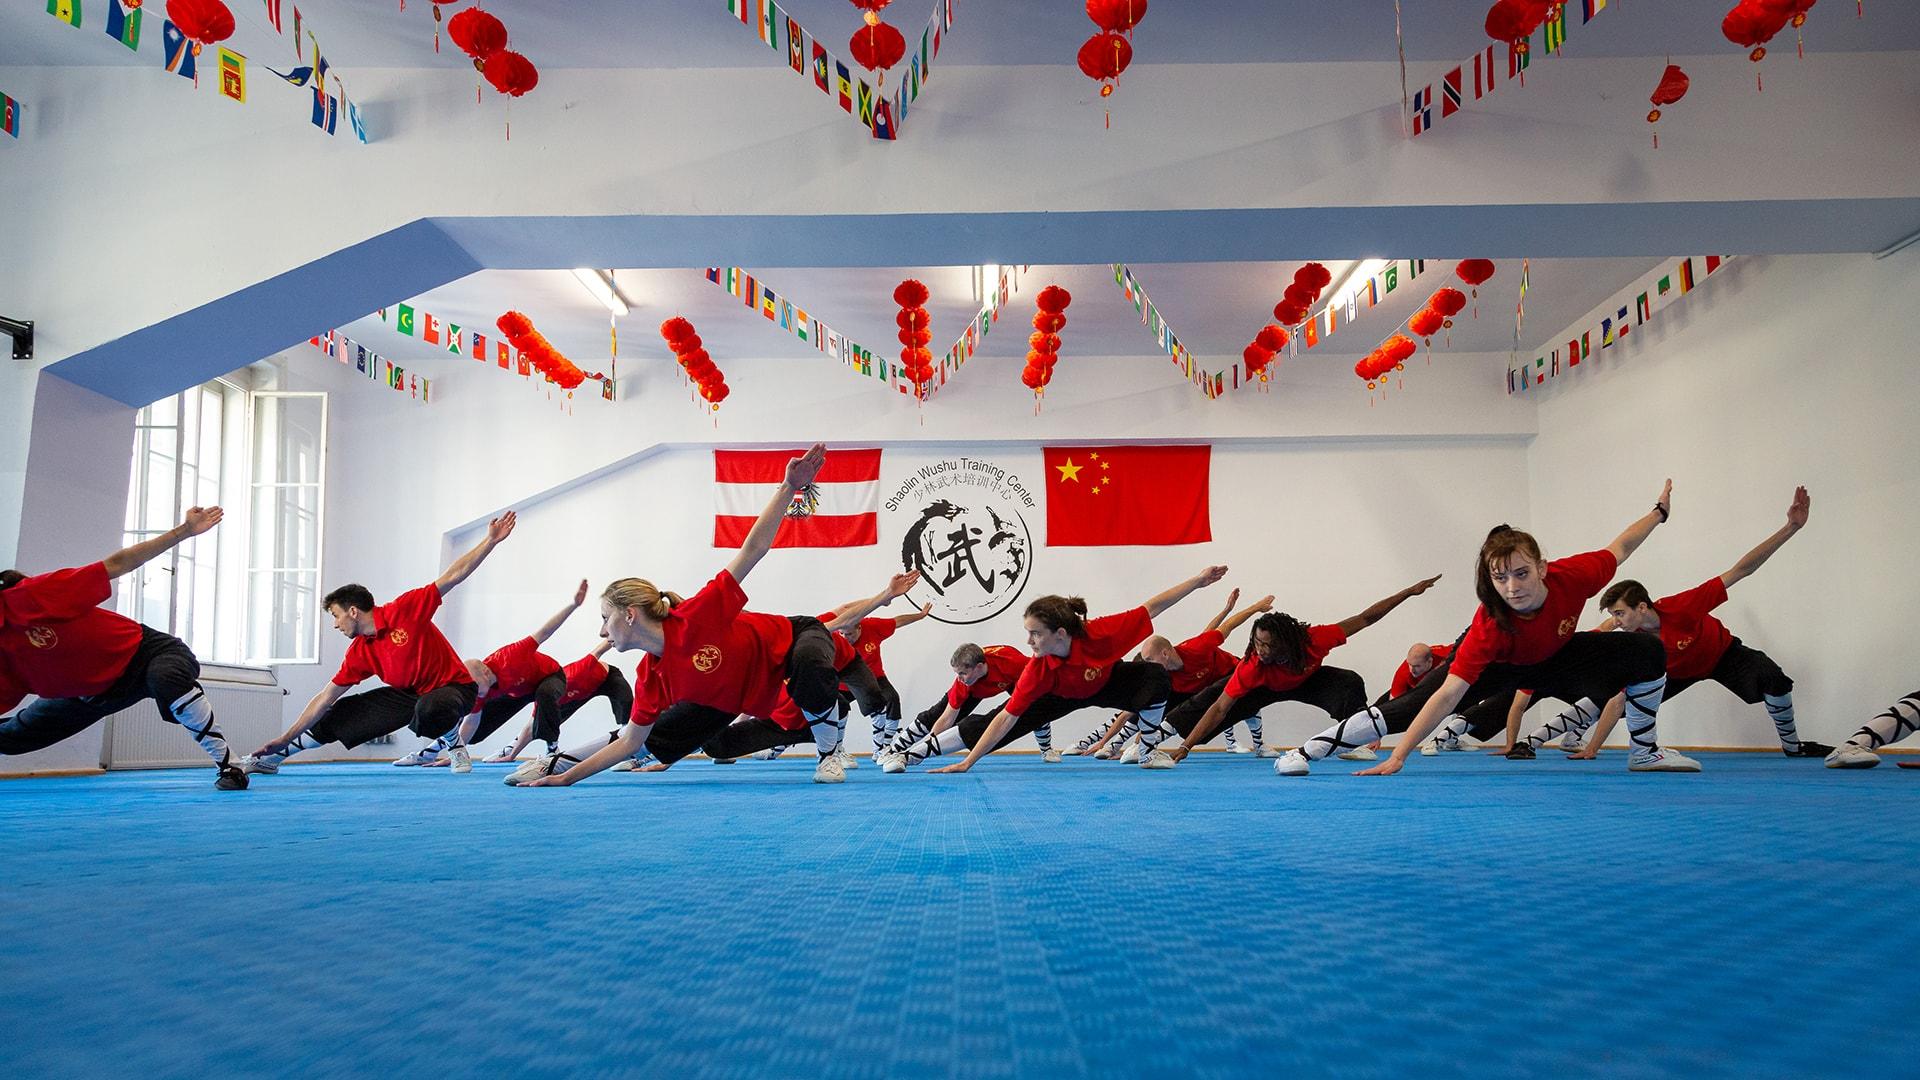 Shaolin-Wushu-Training-Center-Kung-Fu-in-Wien-18